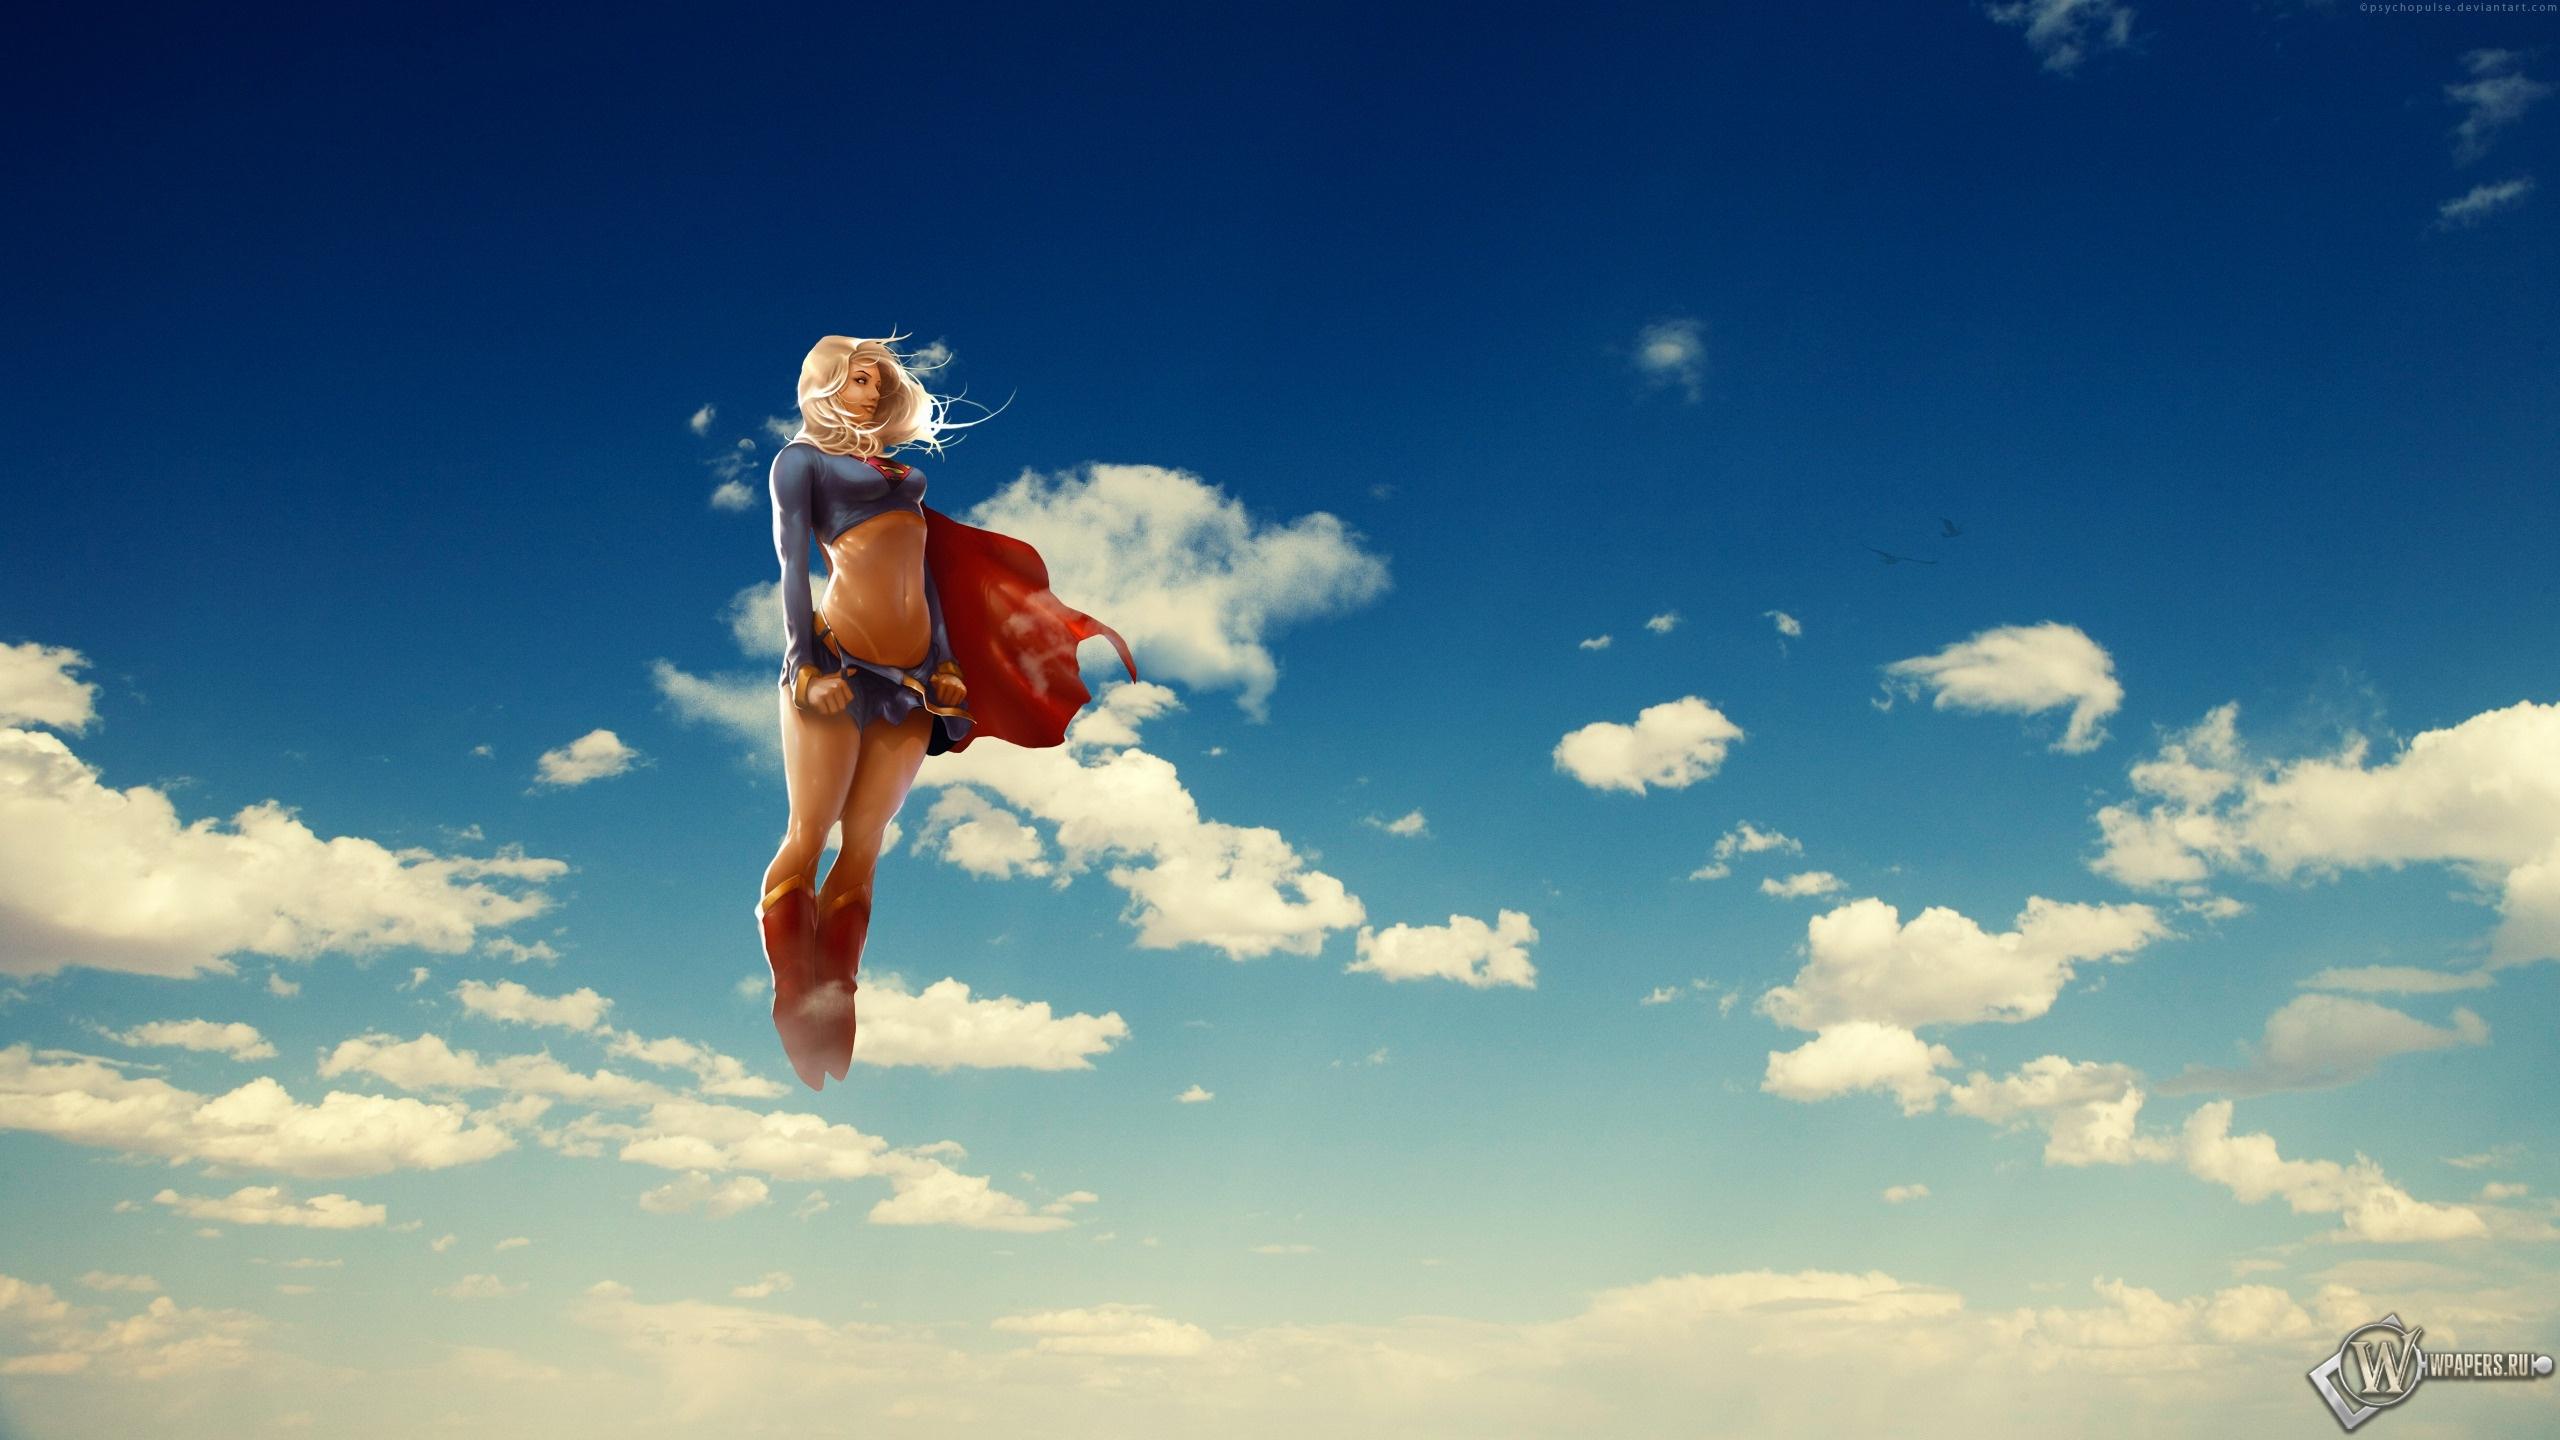 Supergirl 2560x1440